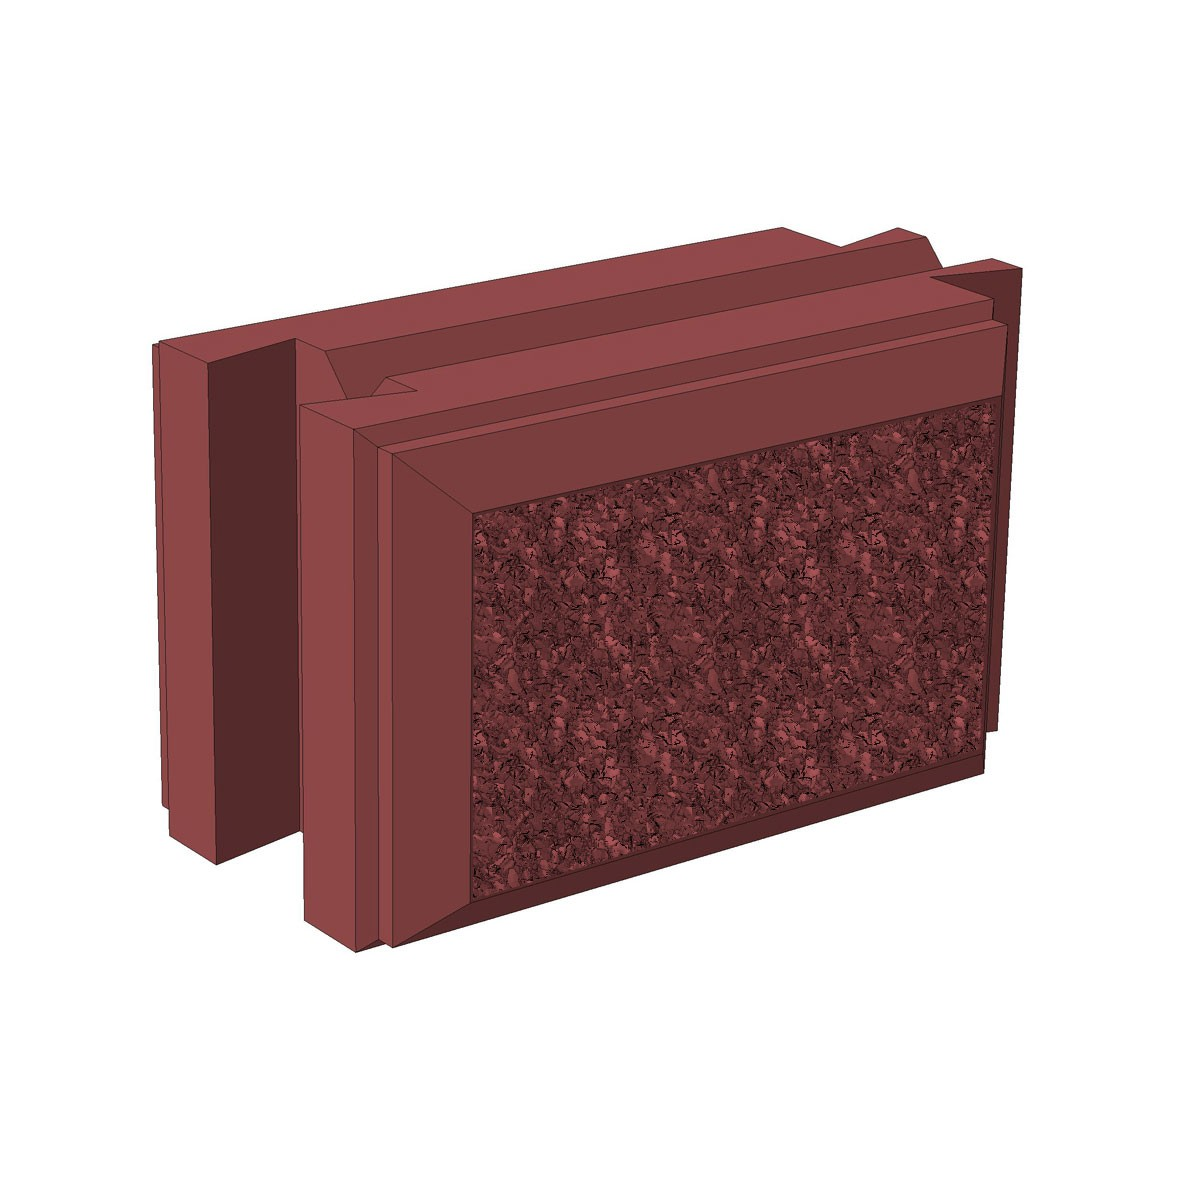 Бетонный блок Brick для забора рядовой доборный (папа/мама)